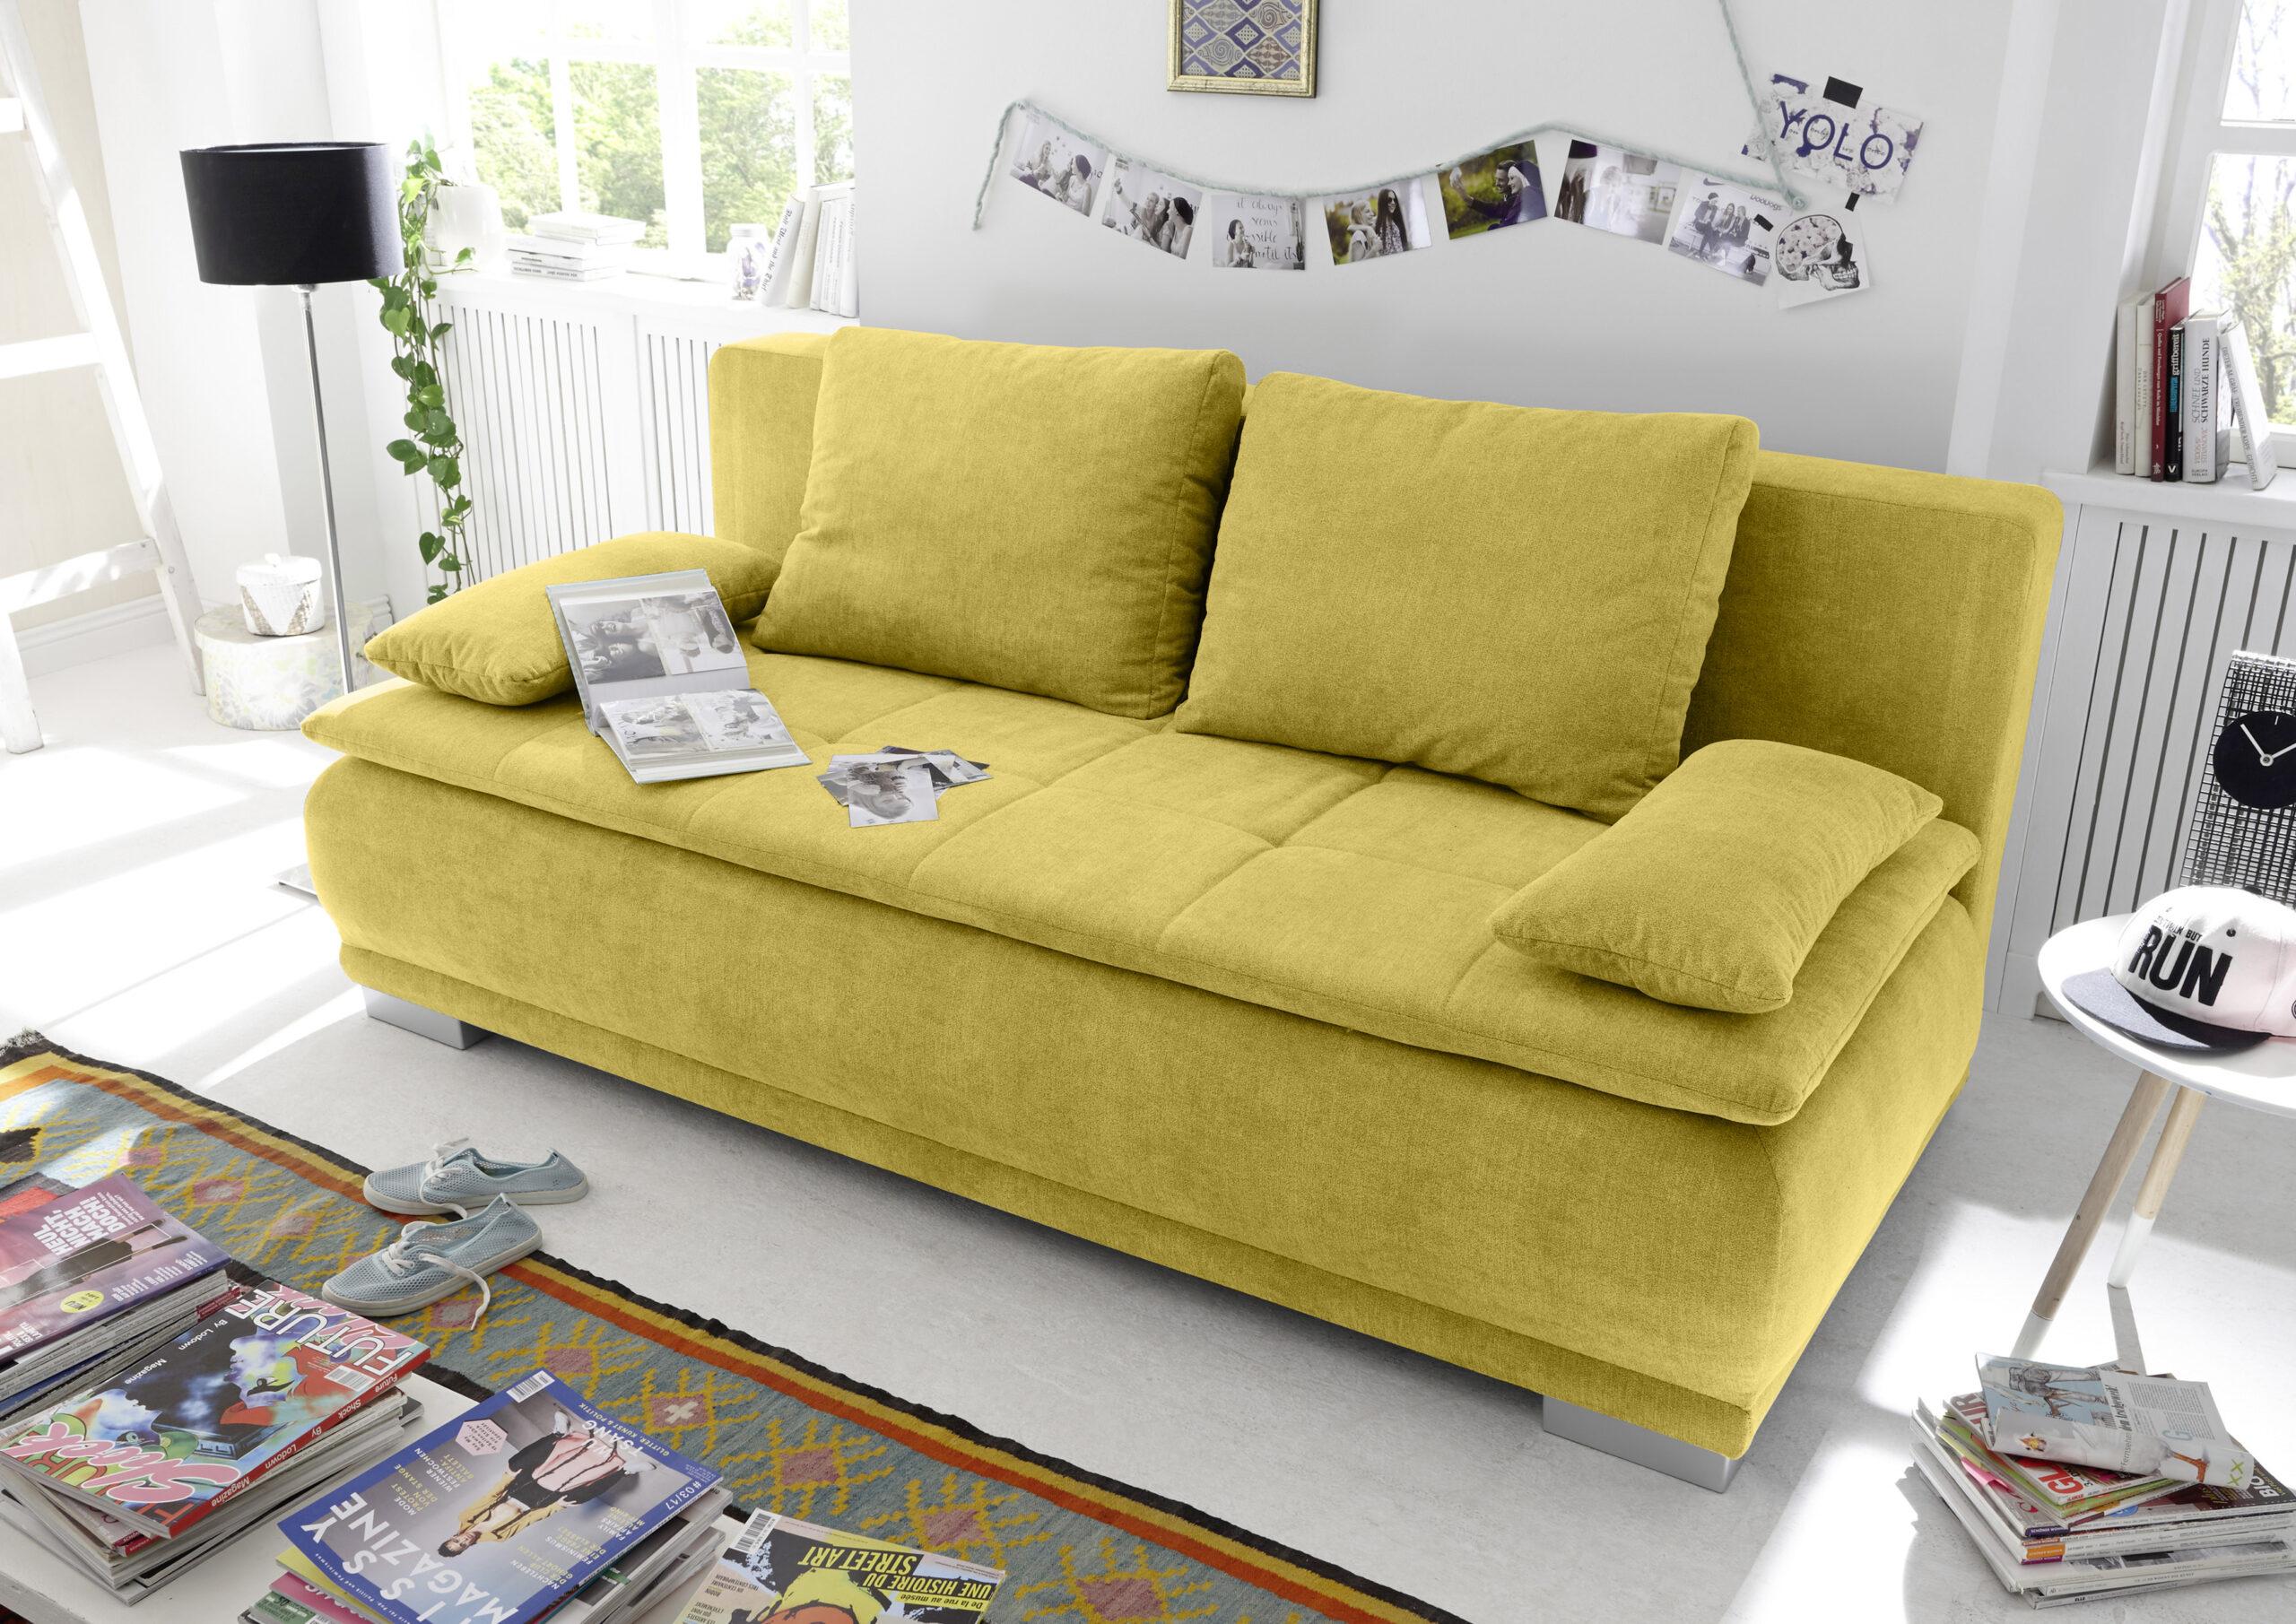 Full Size of Sofa Gelb Couch Zweisitzer Luigi Schlafcouch Schlafsofa Ausziehbar Senf 2 5 Sitzer überzug Hay Mags Erpo Liegefläche 180x200 Wohnlandschaft U Form Xxl Barock Sofa Sofa Gelb